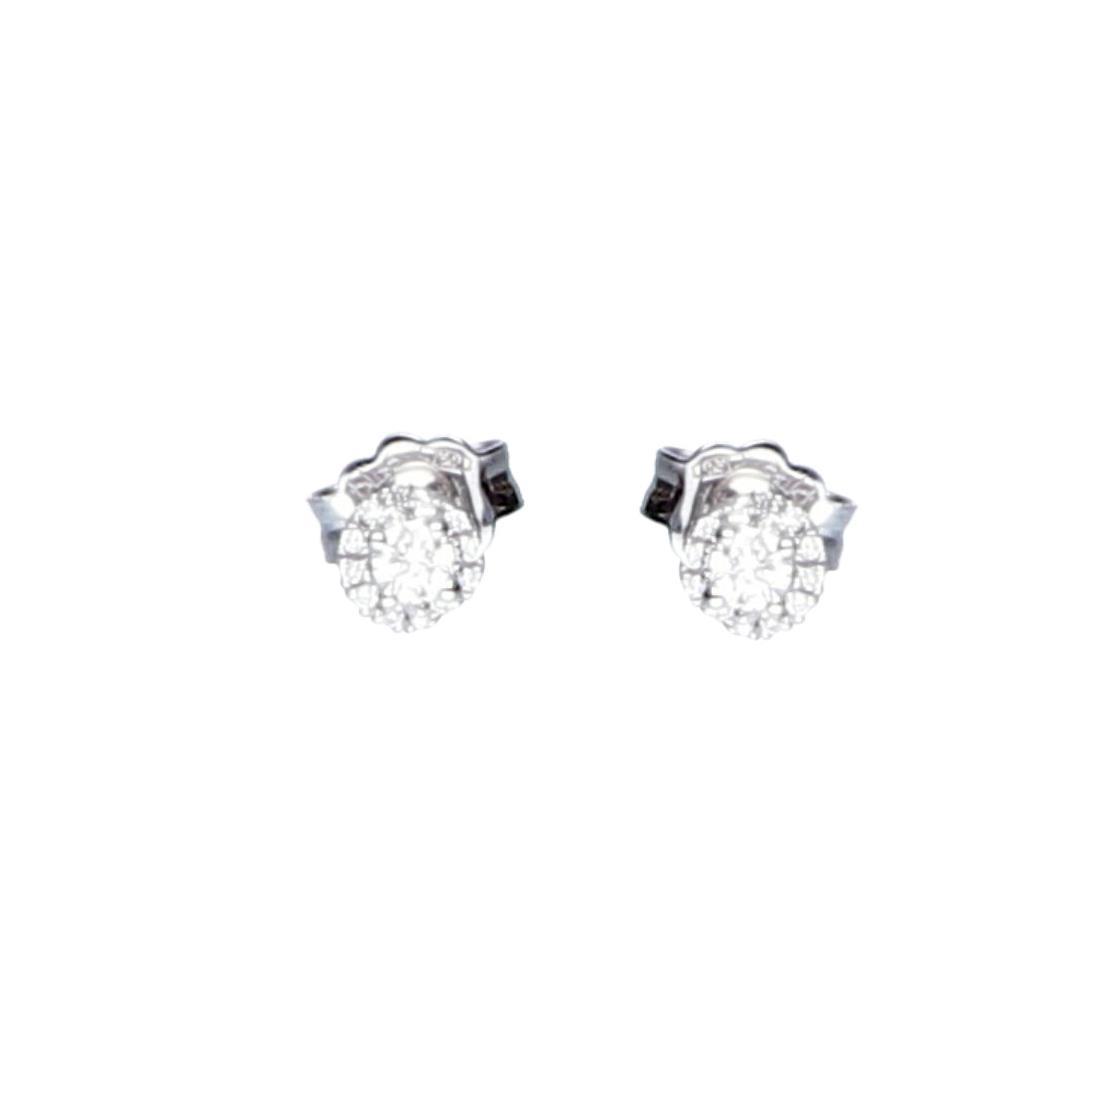 Orecchini puto luce in oro bianco con diamanti - BLISS